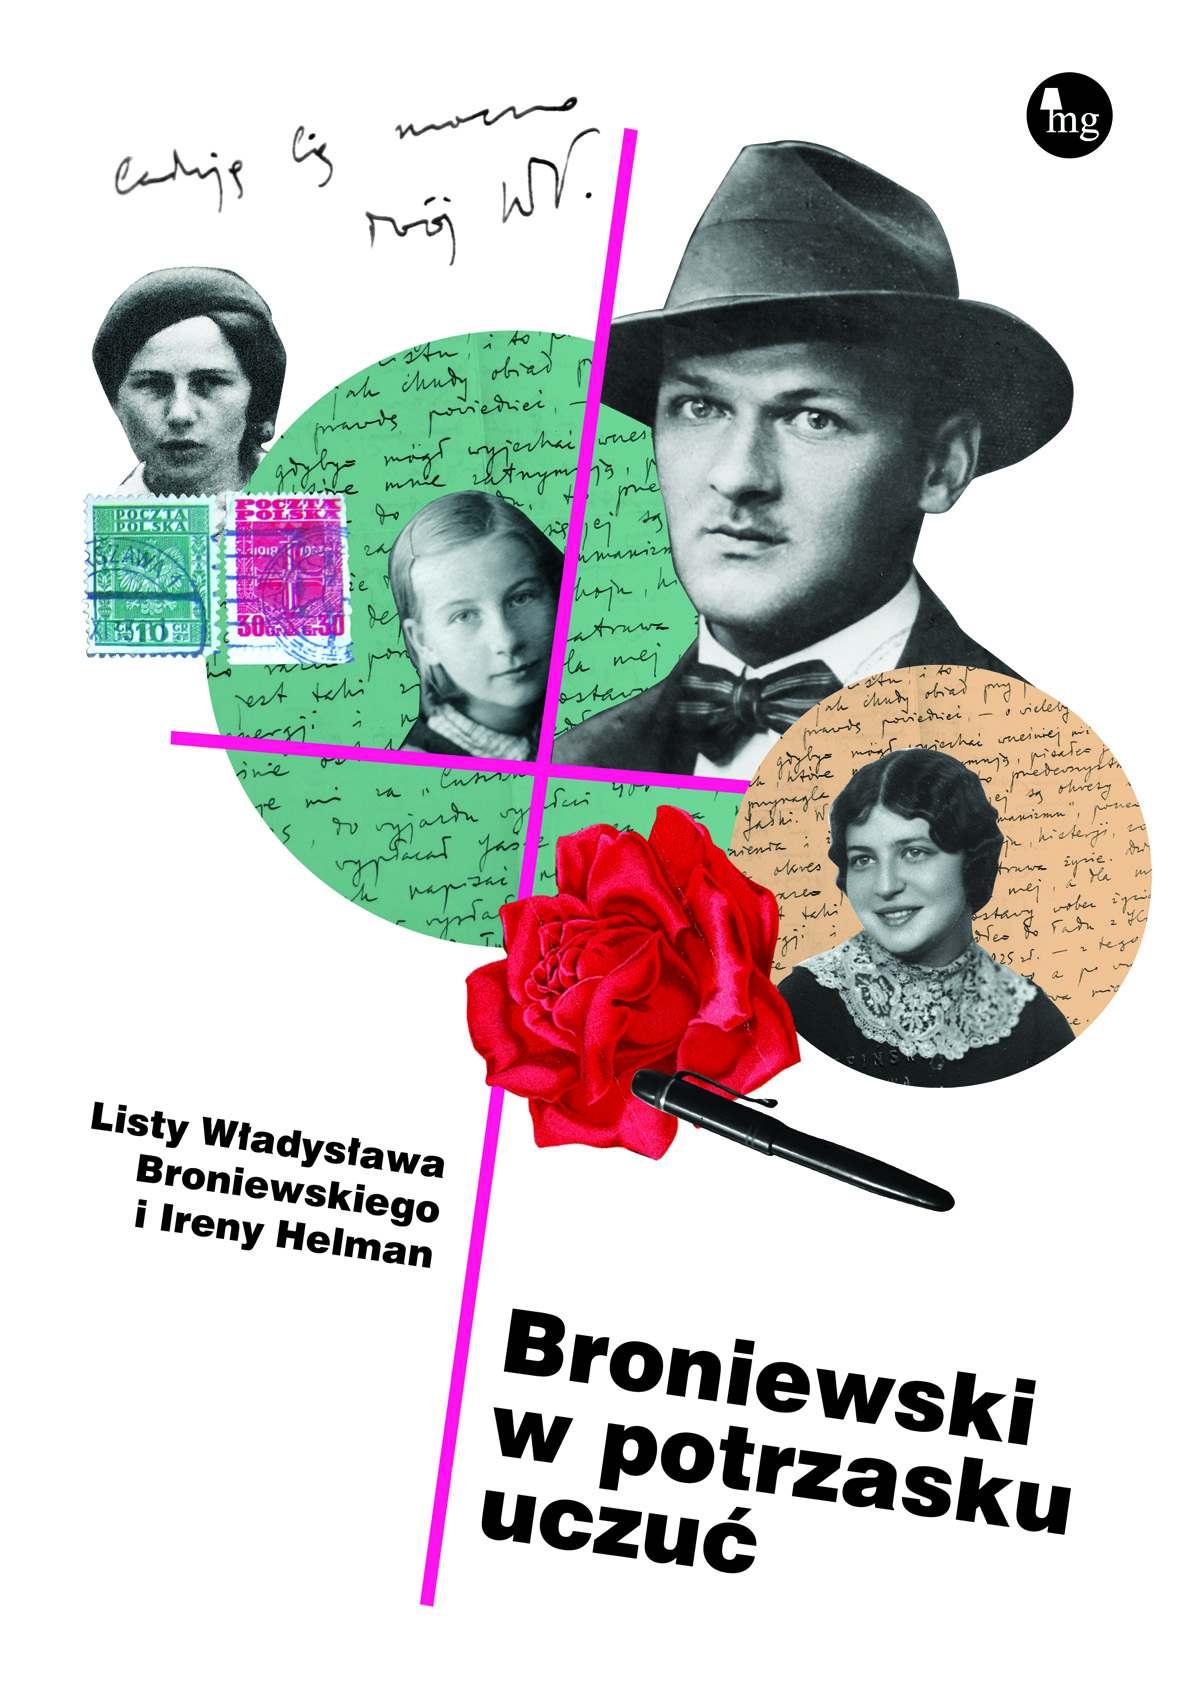 Broniewski w potrzasku uczuć - Ebook (Książka EPUB) do pobrania w formacie EPUB